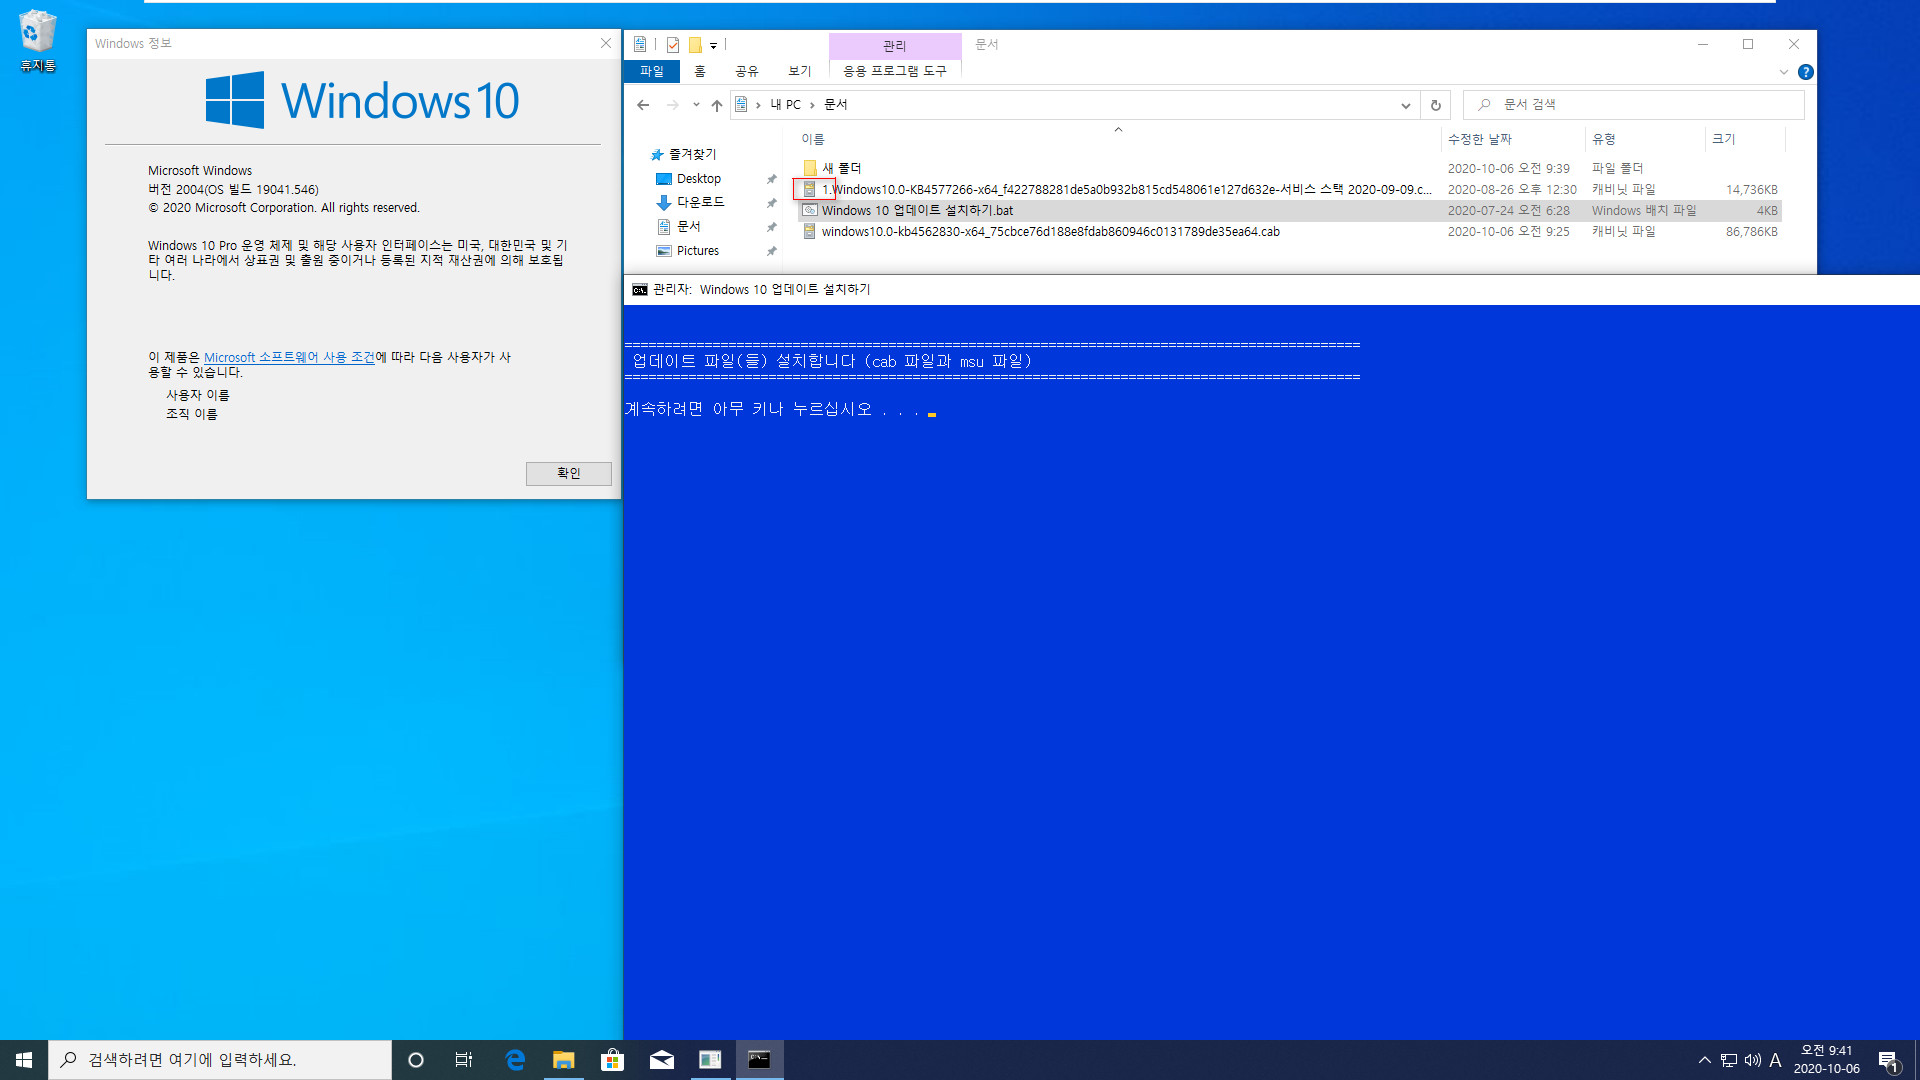 버전 2004 (20H1)에서 버전 2009 (20H2) 업그레이드하기 - 누적 업데이트와 서비스 스택이 설치되어 있지 않은 경우 2020-10-06_094119.jpg